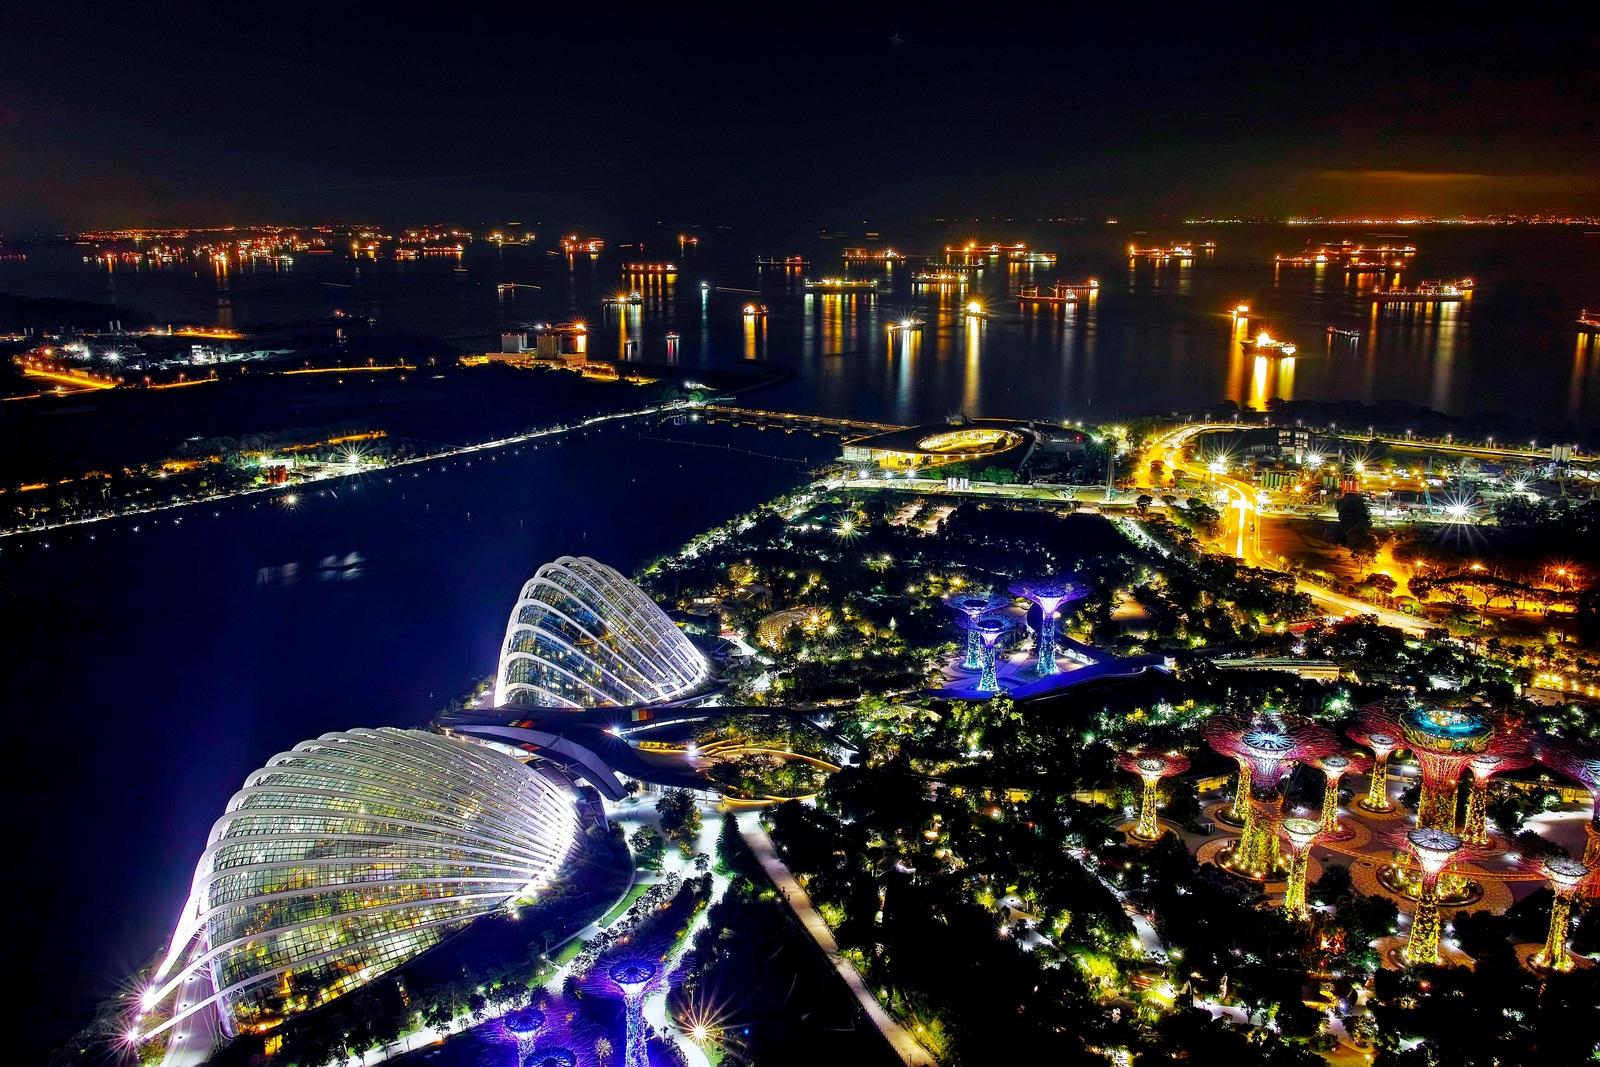 余鸣作品:鸟瞰新加坡